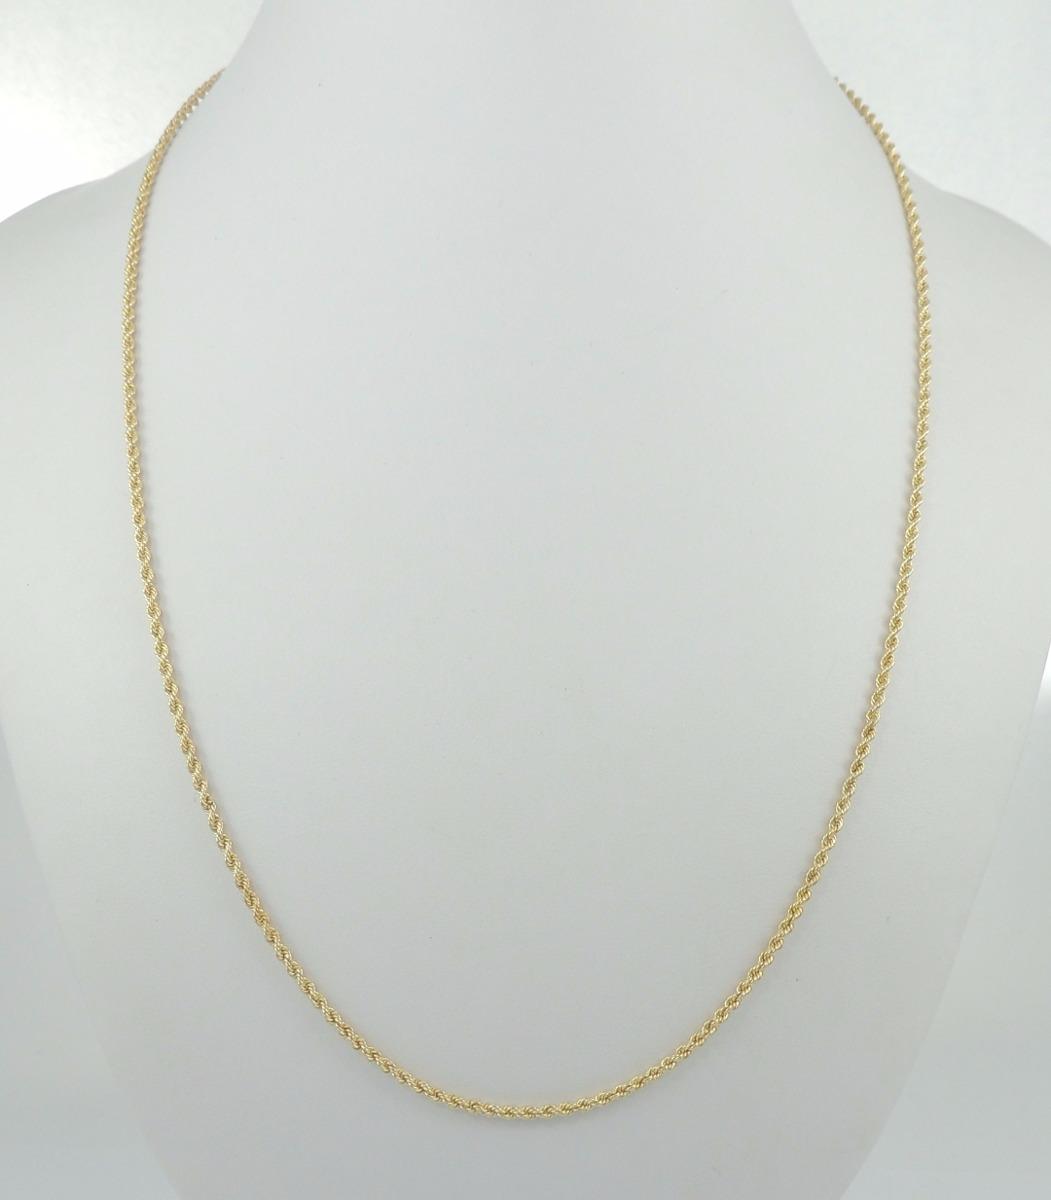 21cf8e2402038 corrente feminina gargantilha corda 50 cm ouro 18k 750 colar. Carregando  zoom.